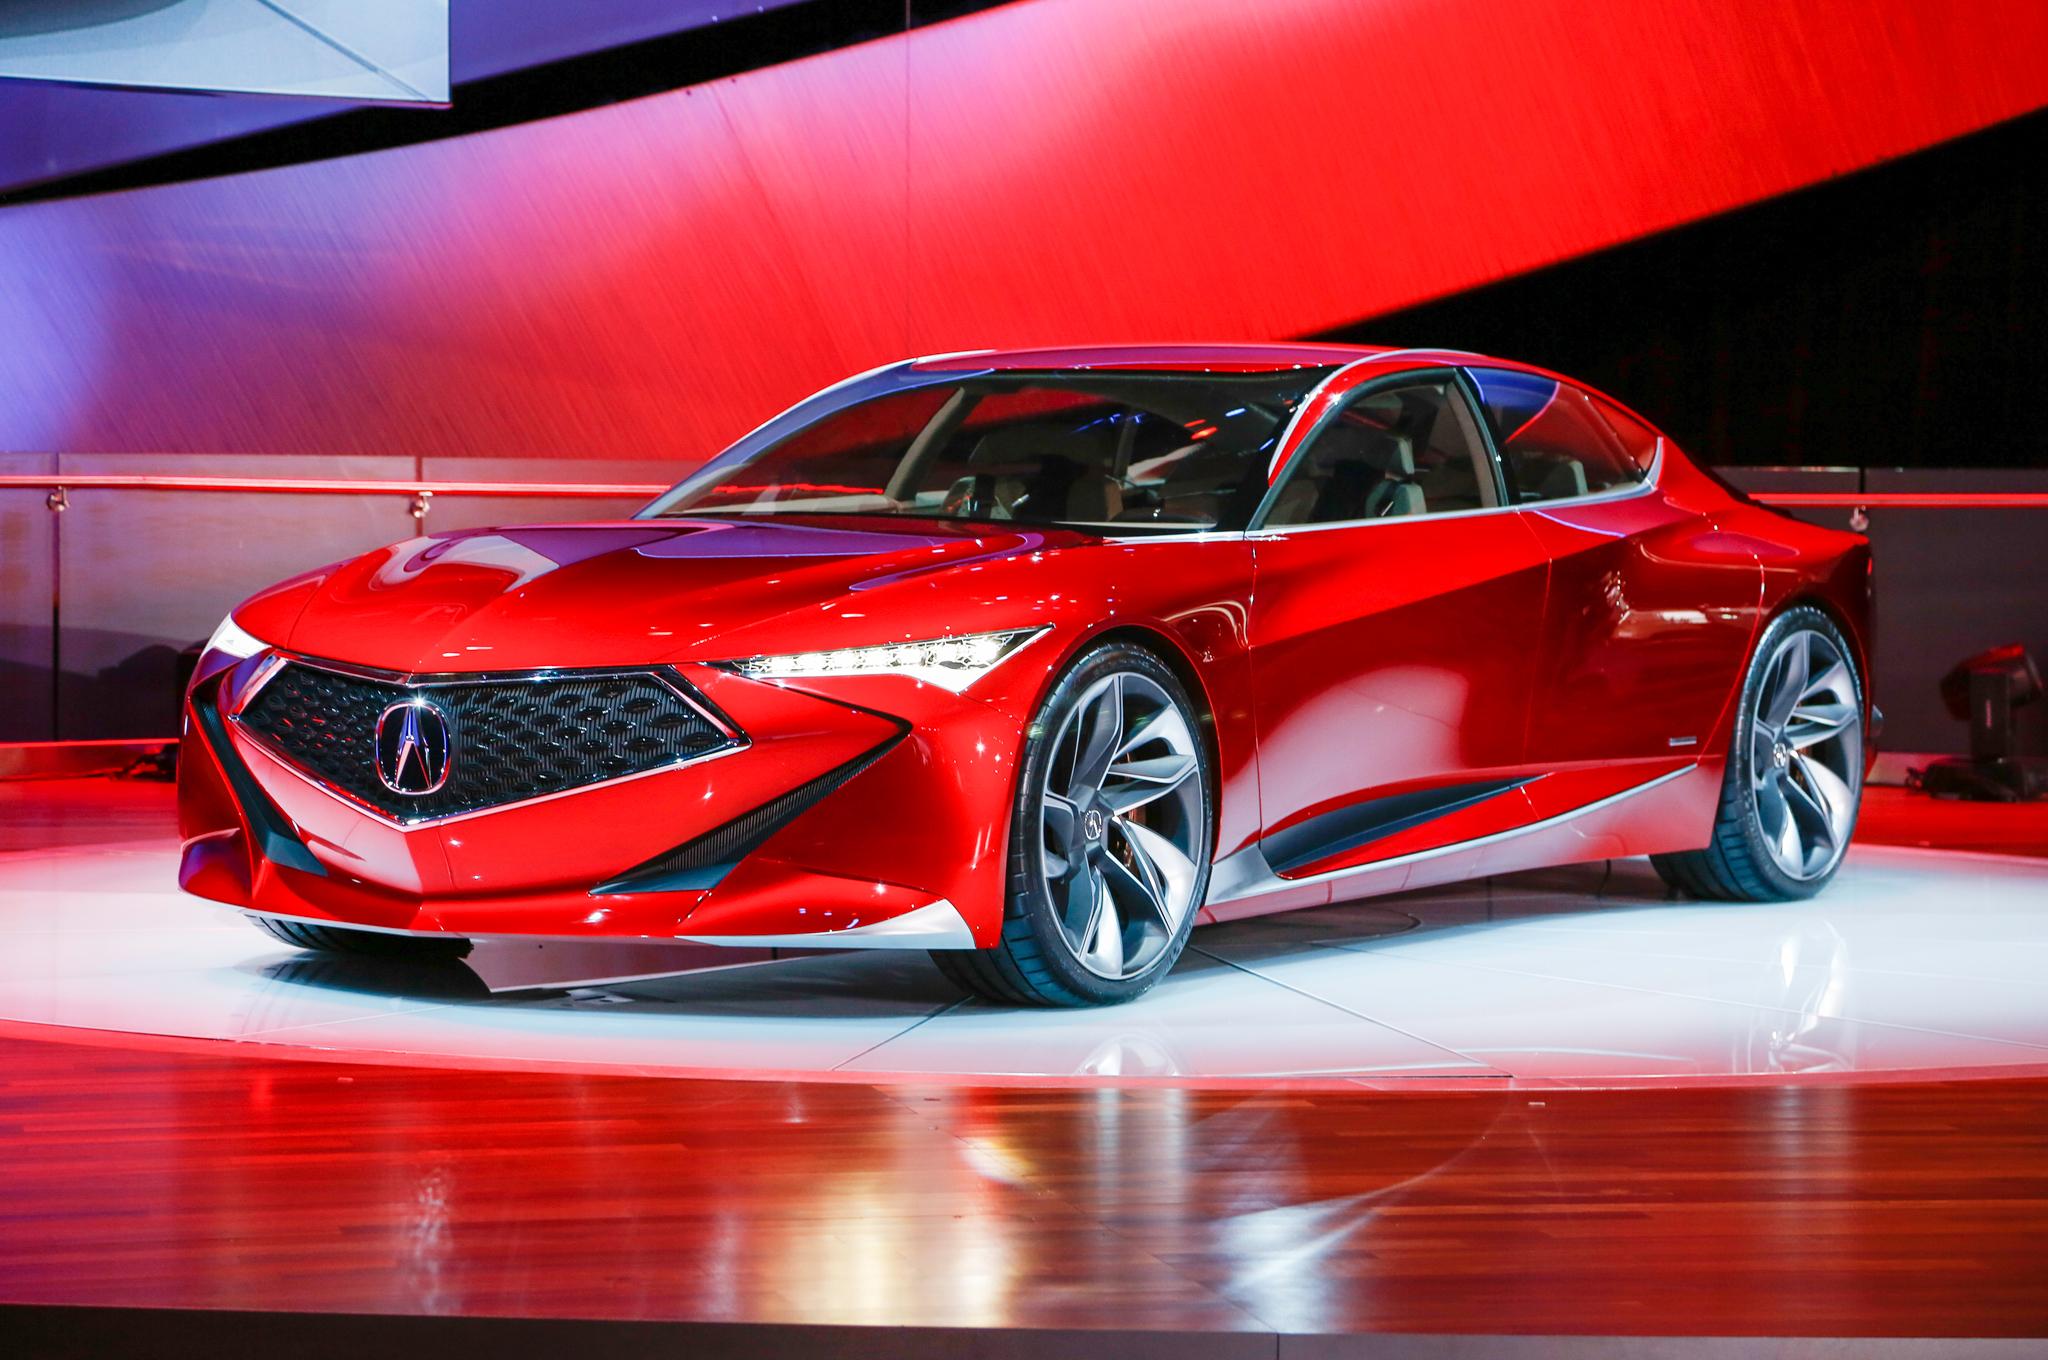 Super Acura Concept